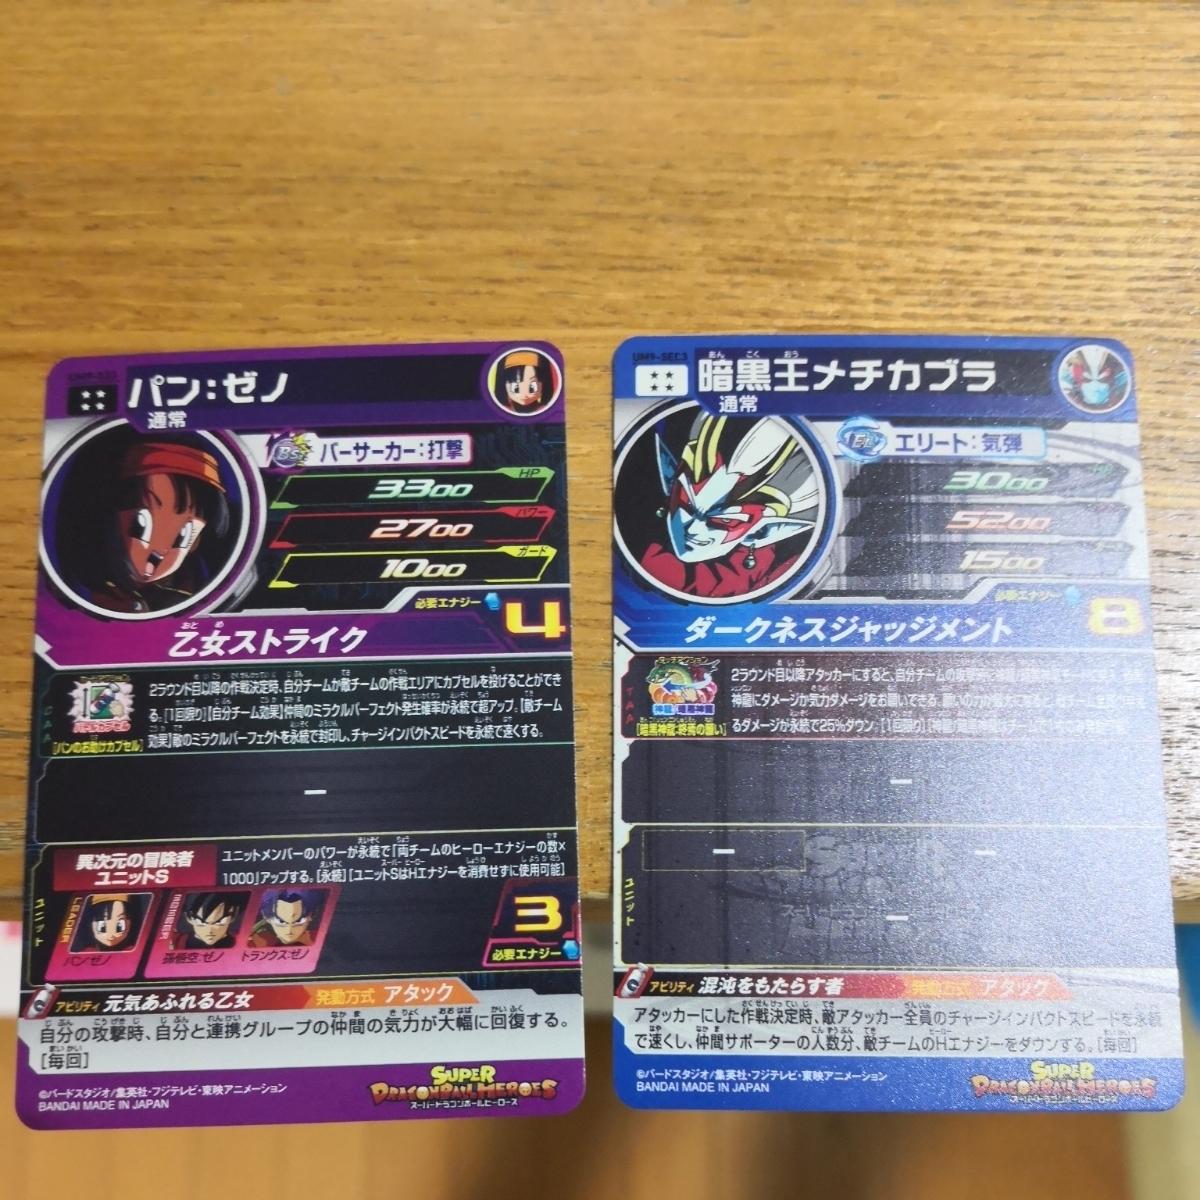 スーパードラゴンボールヒーローズ SDBH UM 9 UR SEC3 パン:ゼノ 暗黒王メチカブラ 新品未使用品 1スタ_画像2